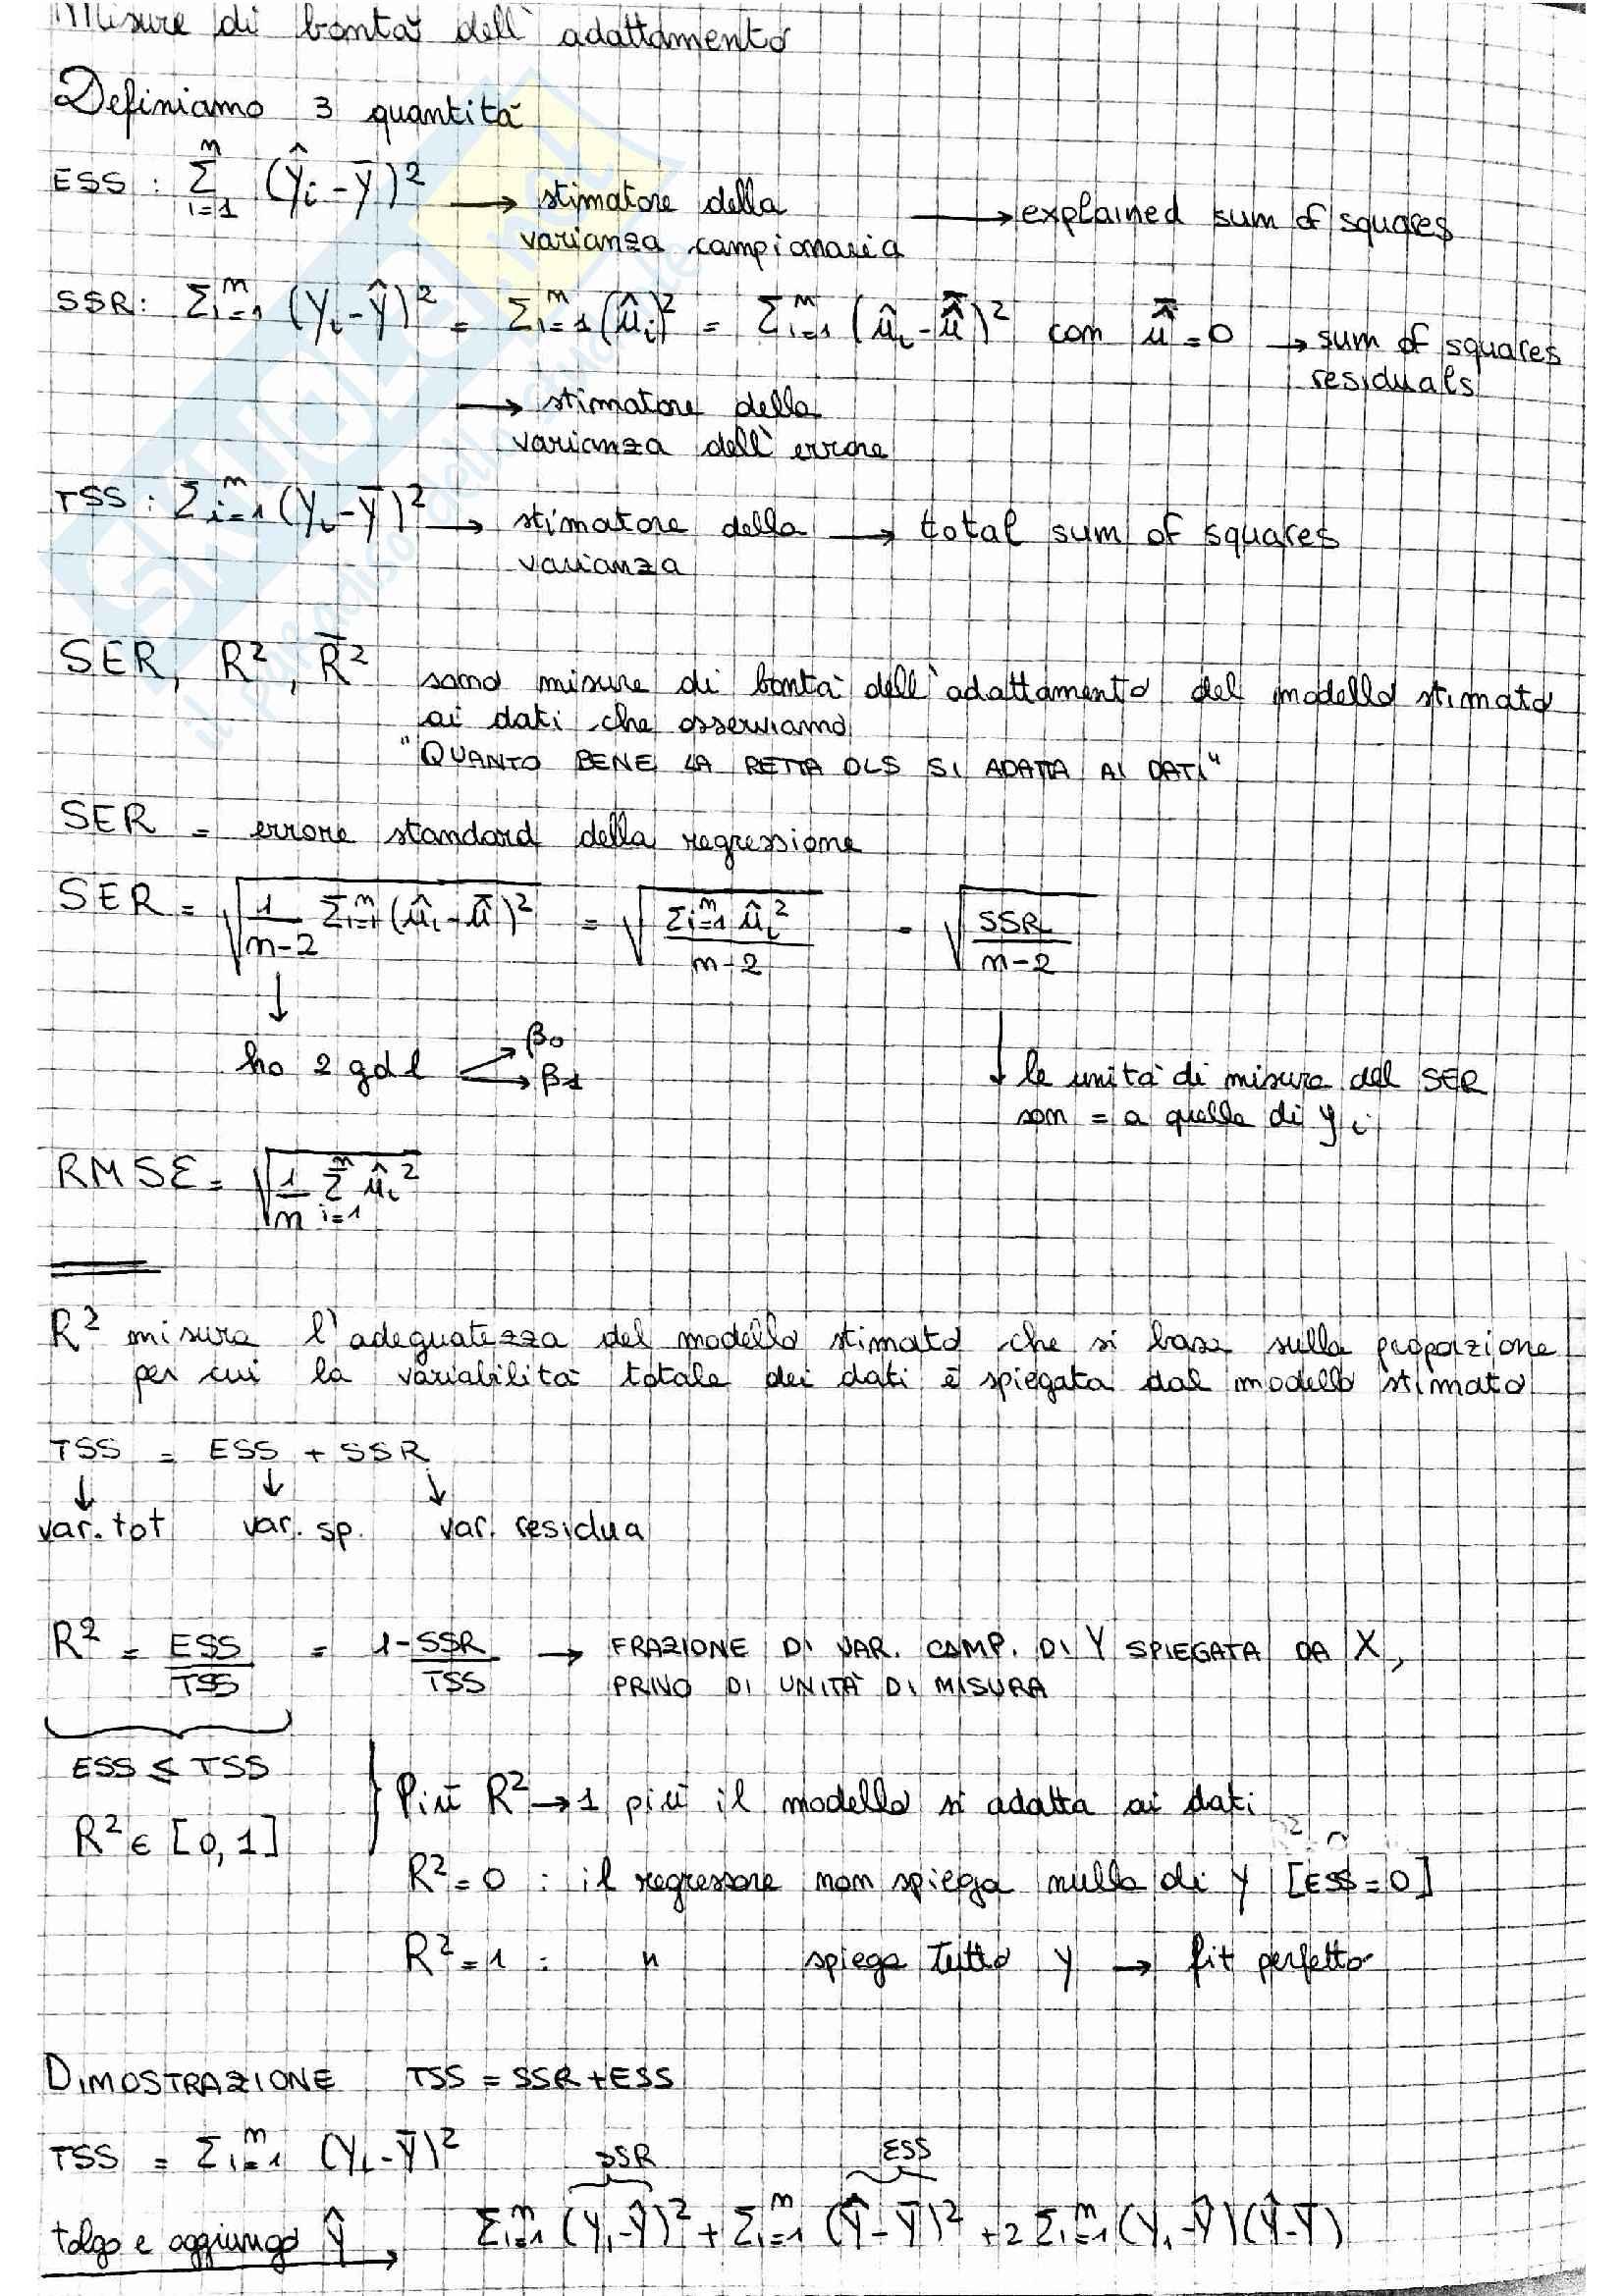 Regressione lineare OLS Pag. 11